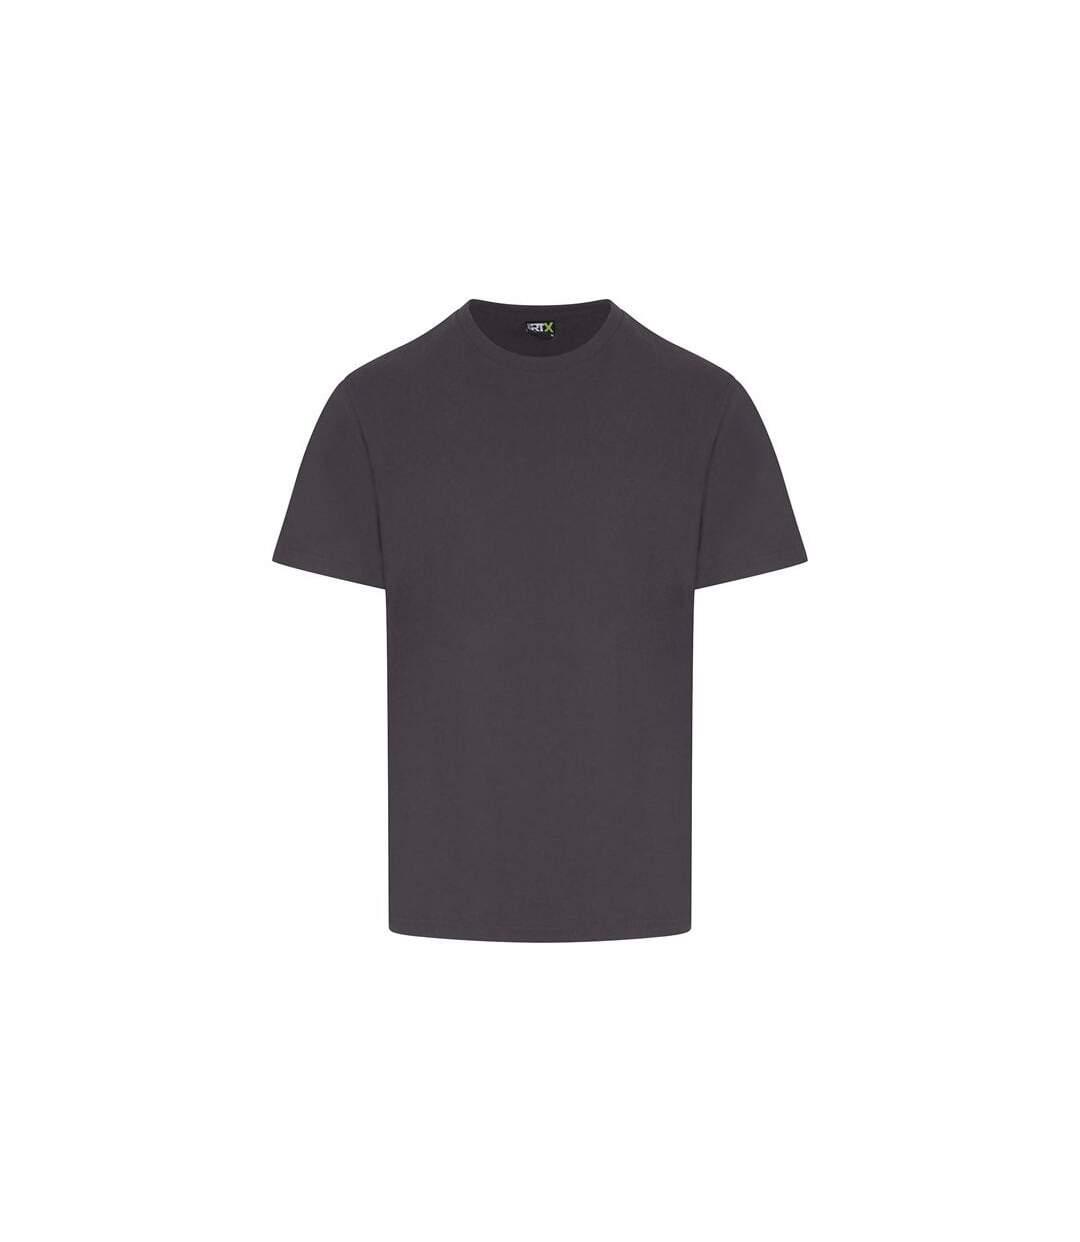 PRO RTX - T-Shirt PRO - Hommes (Gris) - UTPC4058